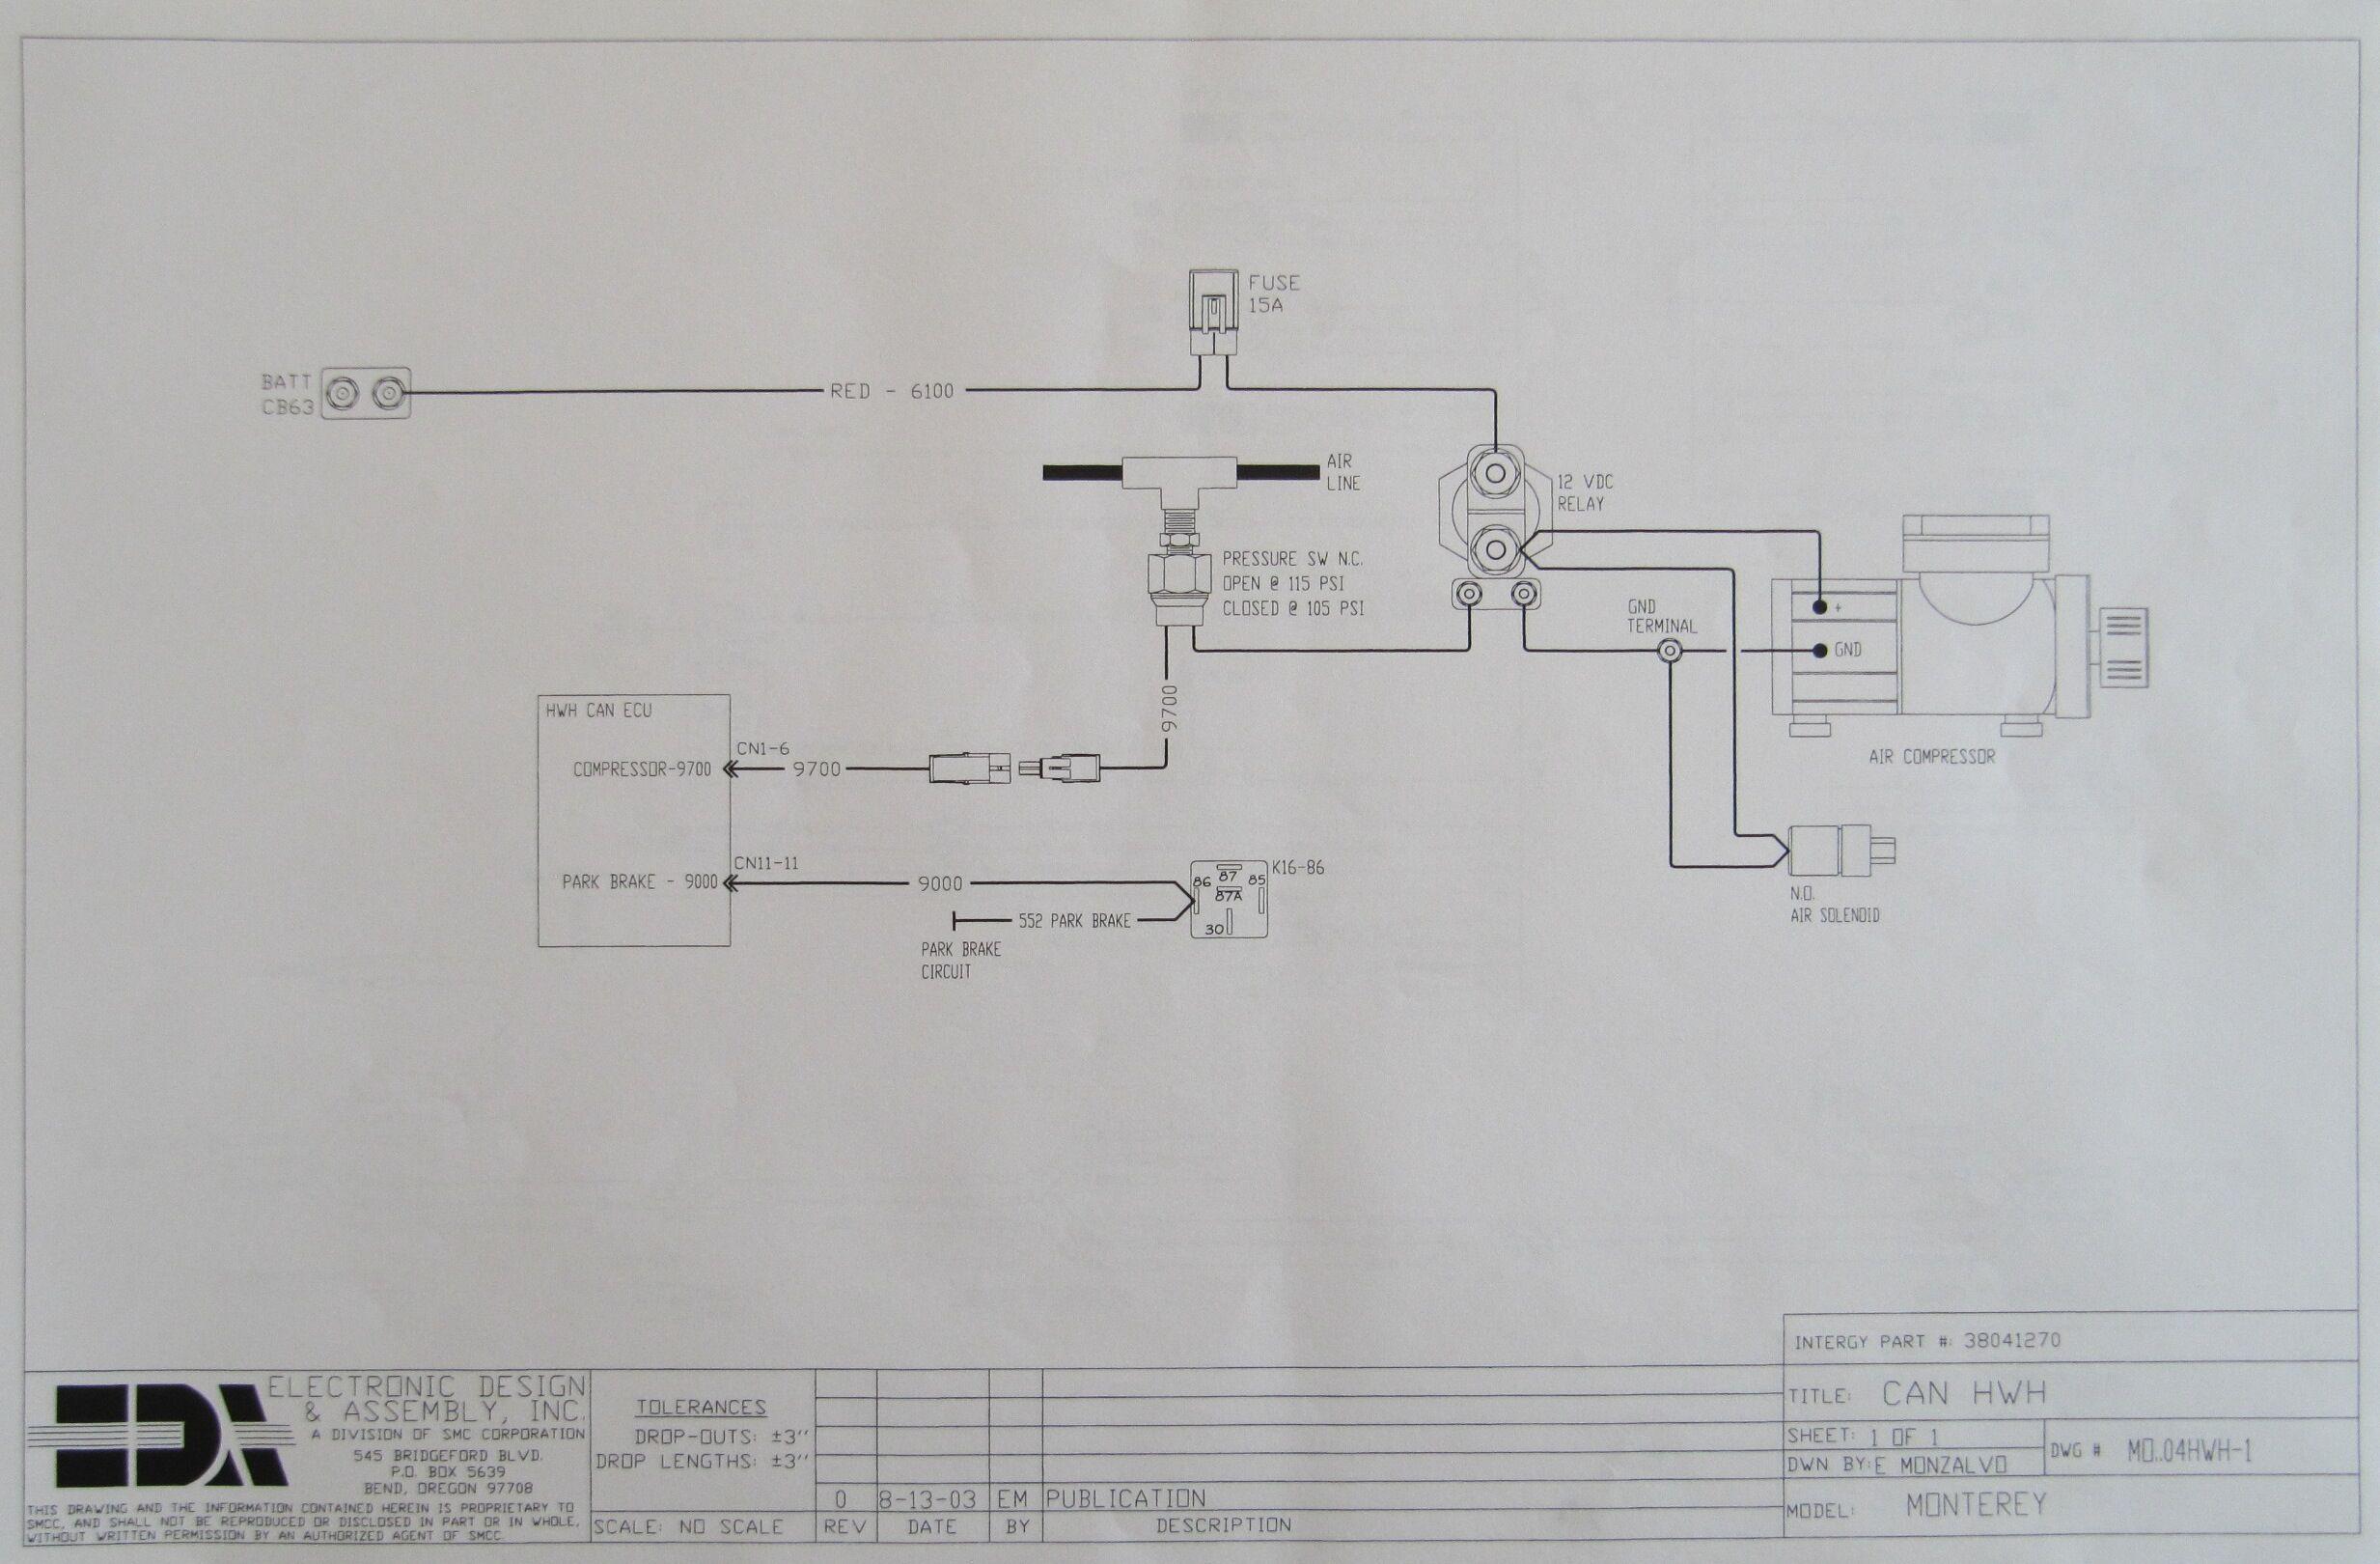 Spartan Coach Wiring Diagram 2004 Cummins - 1984 Bmw 318i Radio Wiring  Diagram lovewirings3.au-delice-limousin.fr   Spartan Coach Wiring Diagram 2004 Cummins      Bege Wiring Diagram Full Edition